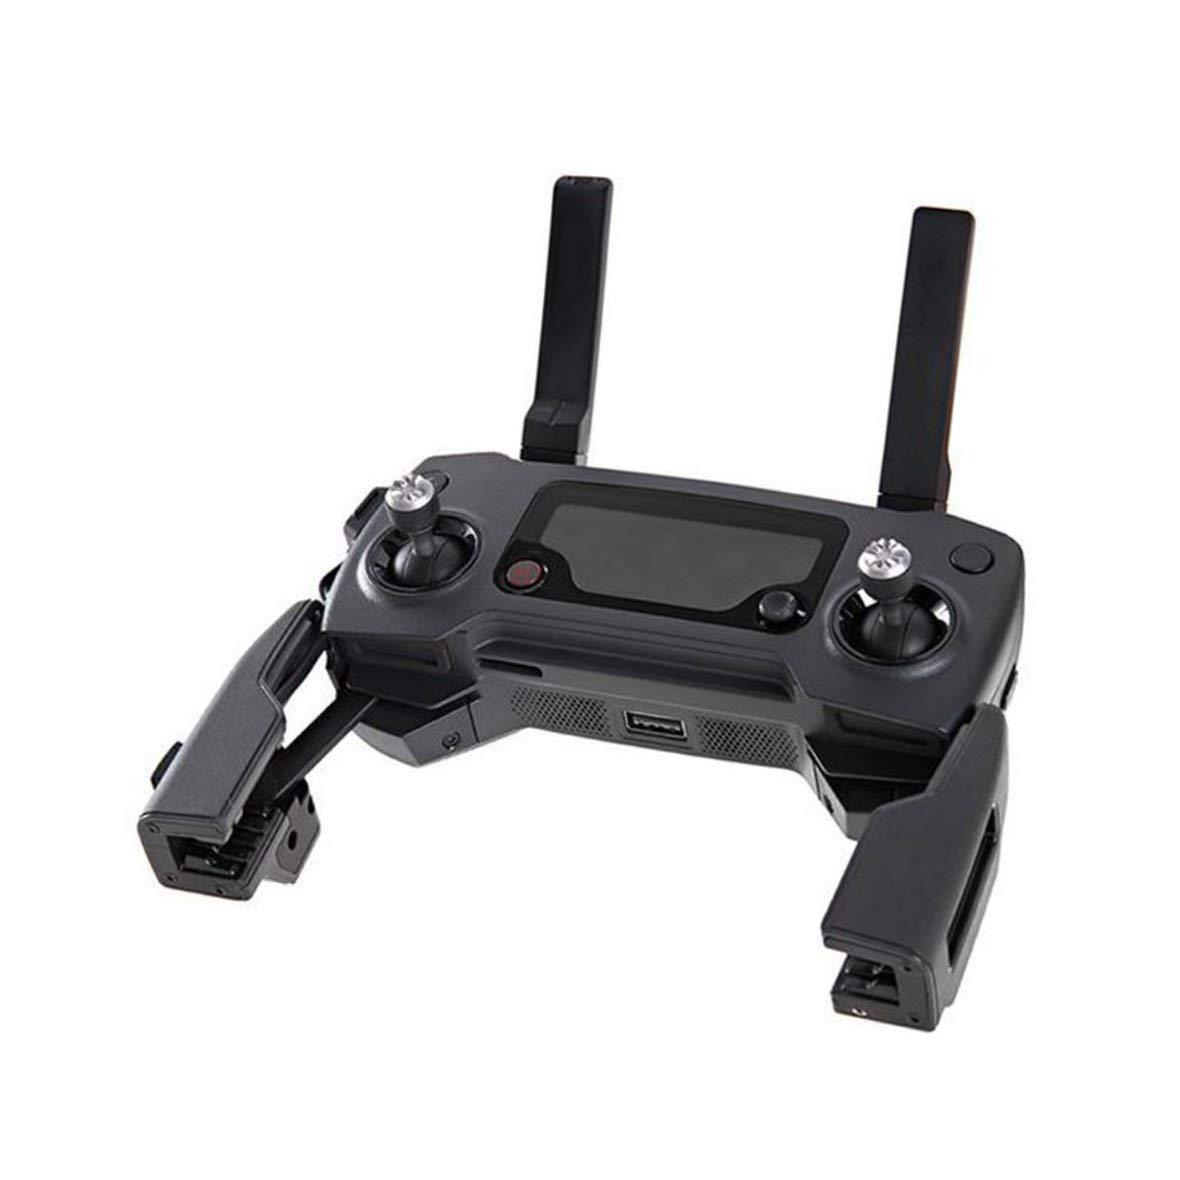 Heaviesk Soporte para tableta Soporte para tel/éfono Abrazadera Controlador Accesorio Drone para DJI Mavic Air//Pro Support Tabletas para tel/éfonos de 4-12 pulgadas